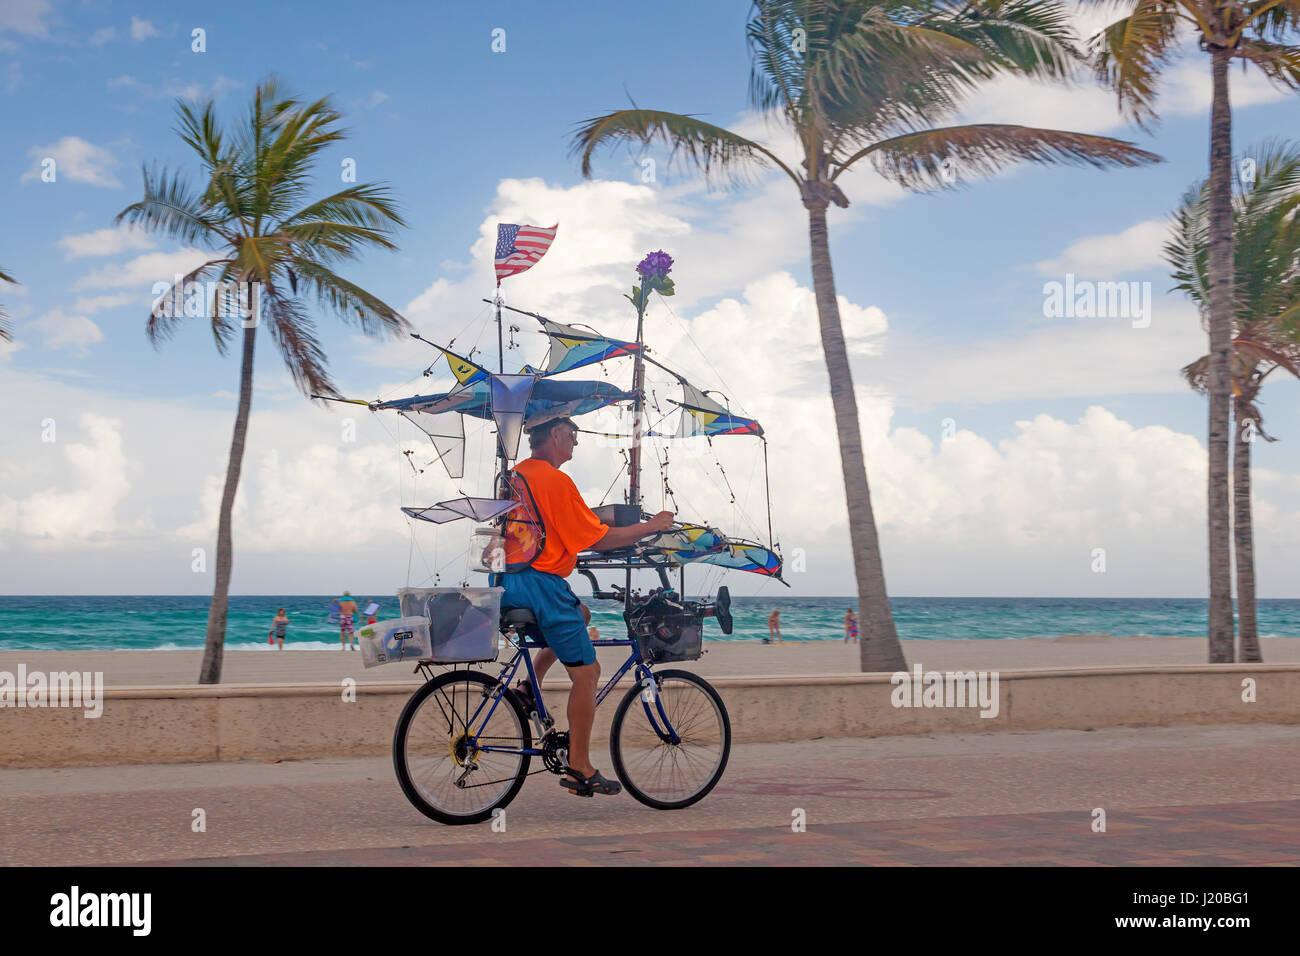 El Hollywood Beach, FL, EEUU - Marzo 23, 2017: el ciclista que aparece en el Hollywood Beach Amplio paseo. Florida, Estados Unidos Foto de stock